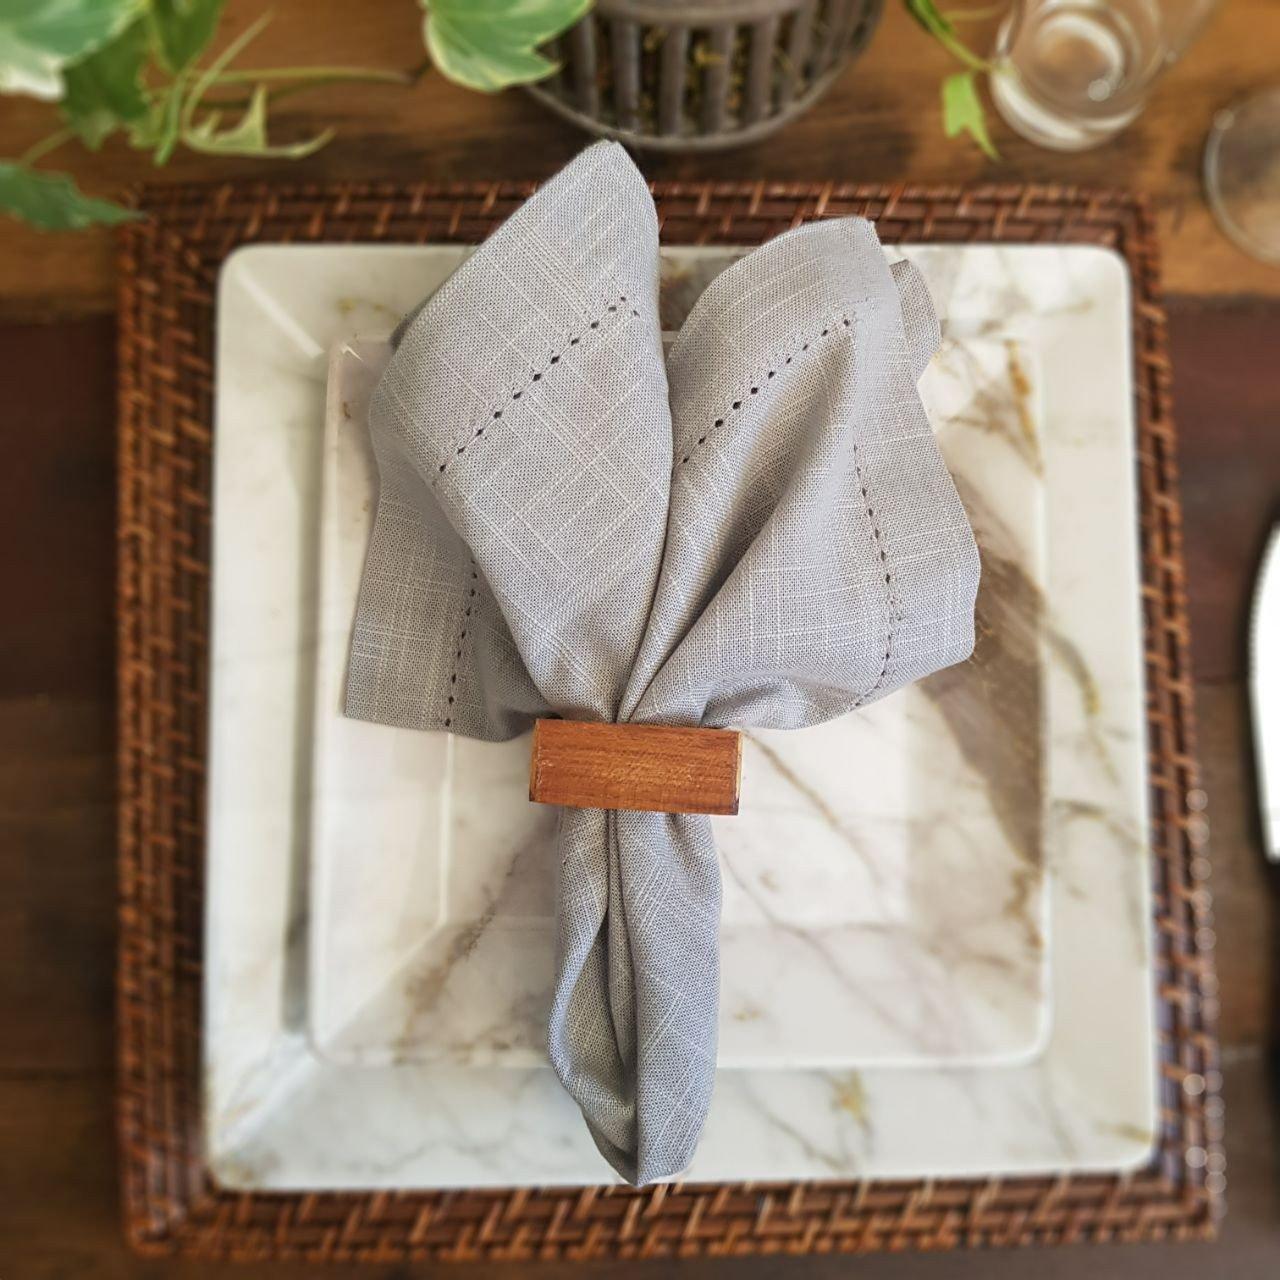 argola para guardanapo madeira teca quadrado 4 pecas rojemac casa cafe e mel 7